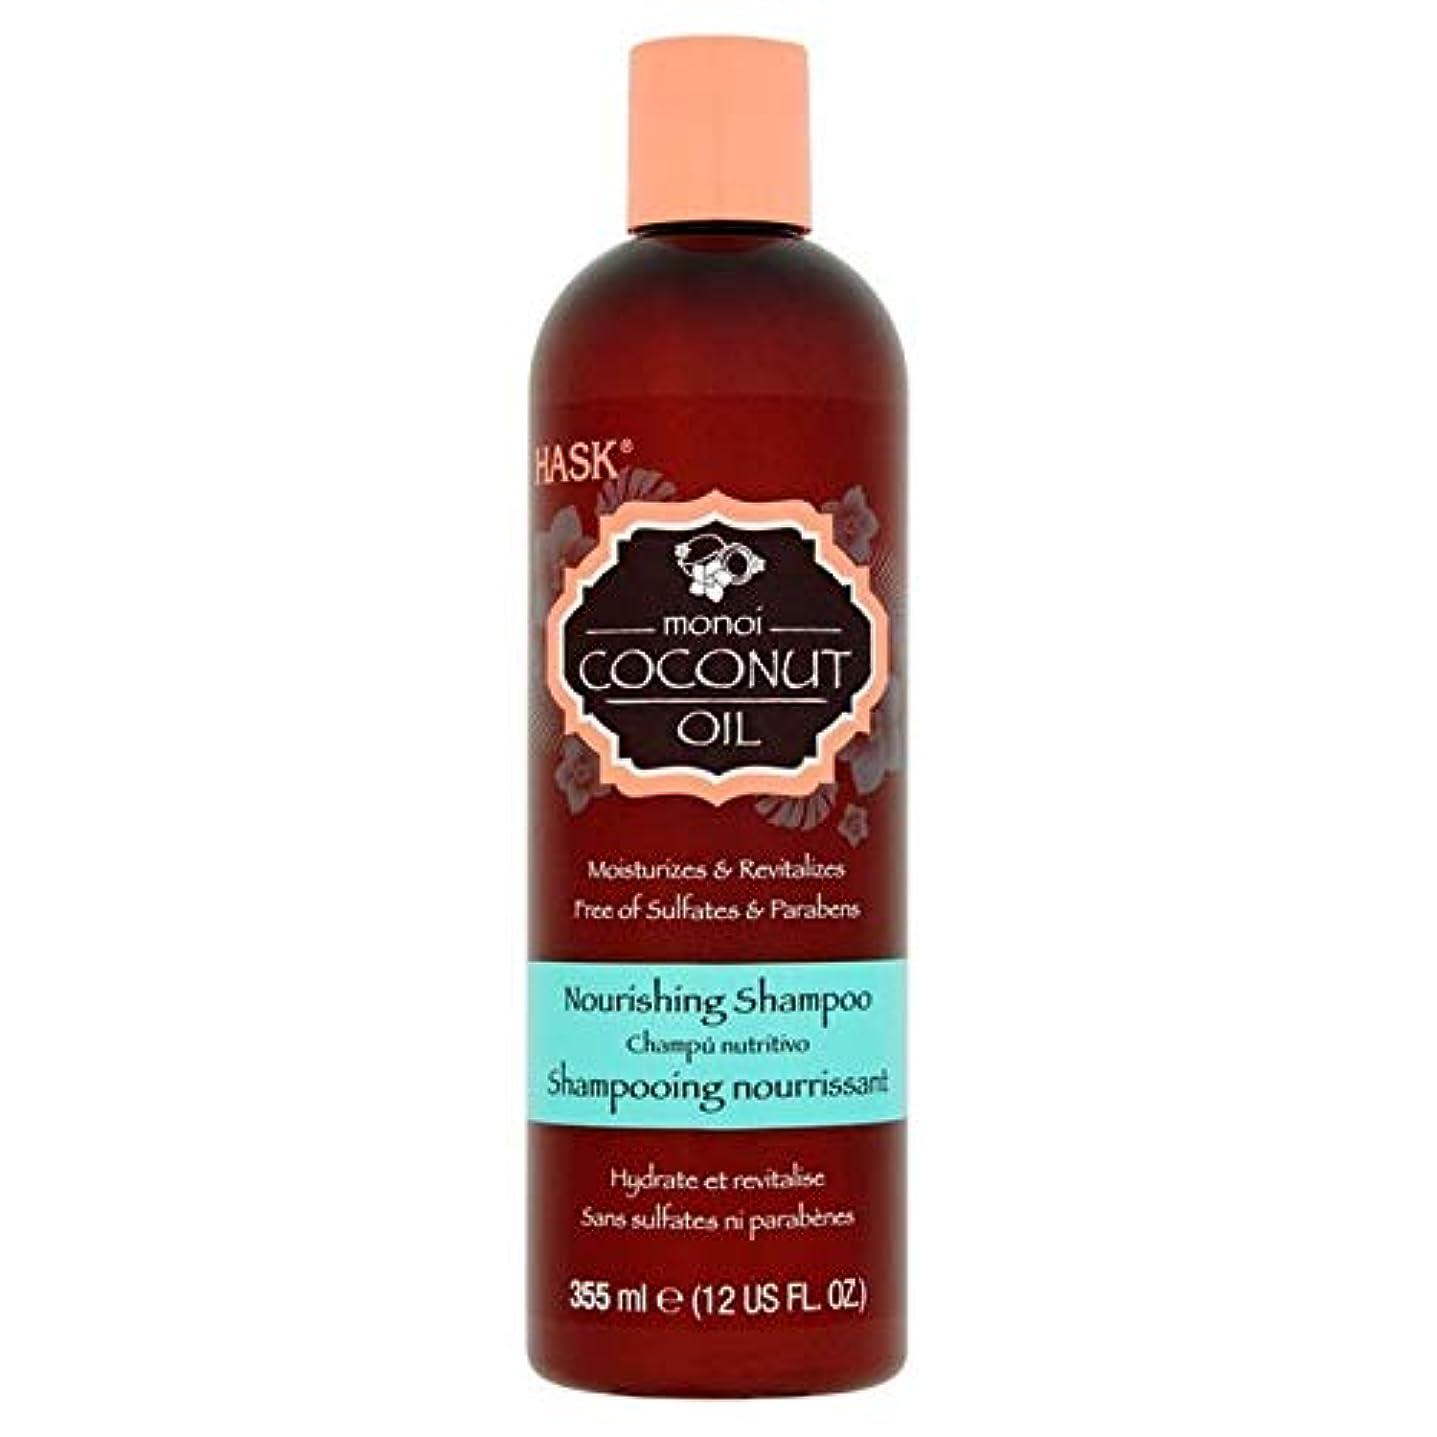 飾る尽きる電化する[Hask] Haskモノイヤシ油シャンプー355ミリリットル - Hask Monoi Coconut Oil Shampoo 355ml [並行輸入品]